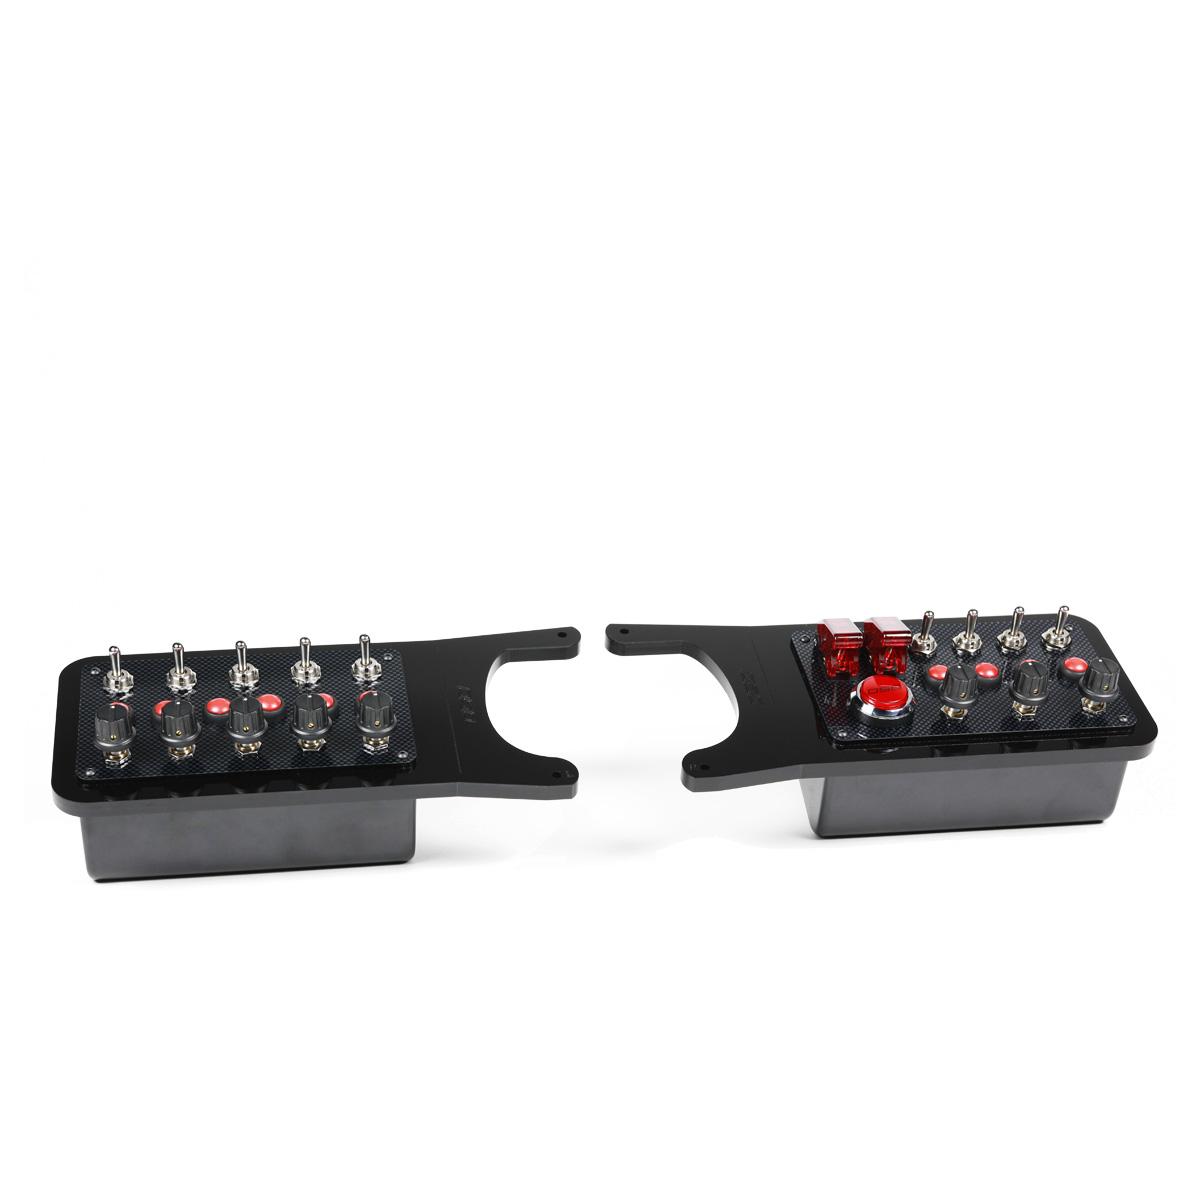 Pack Button Box DSD pour Fanatec Clubsport Wheel